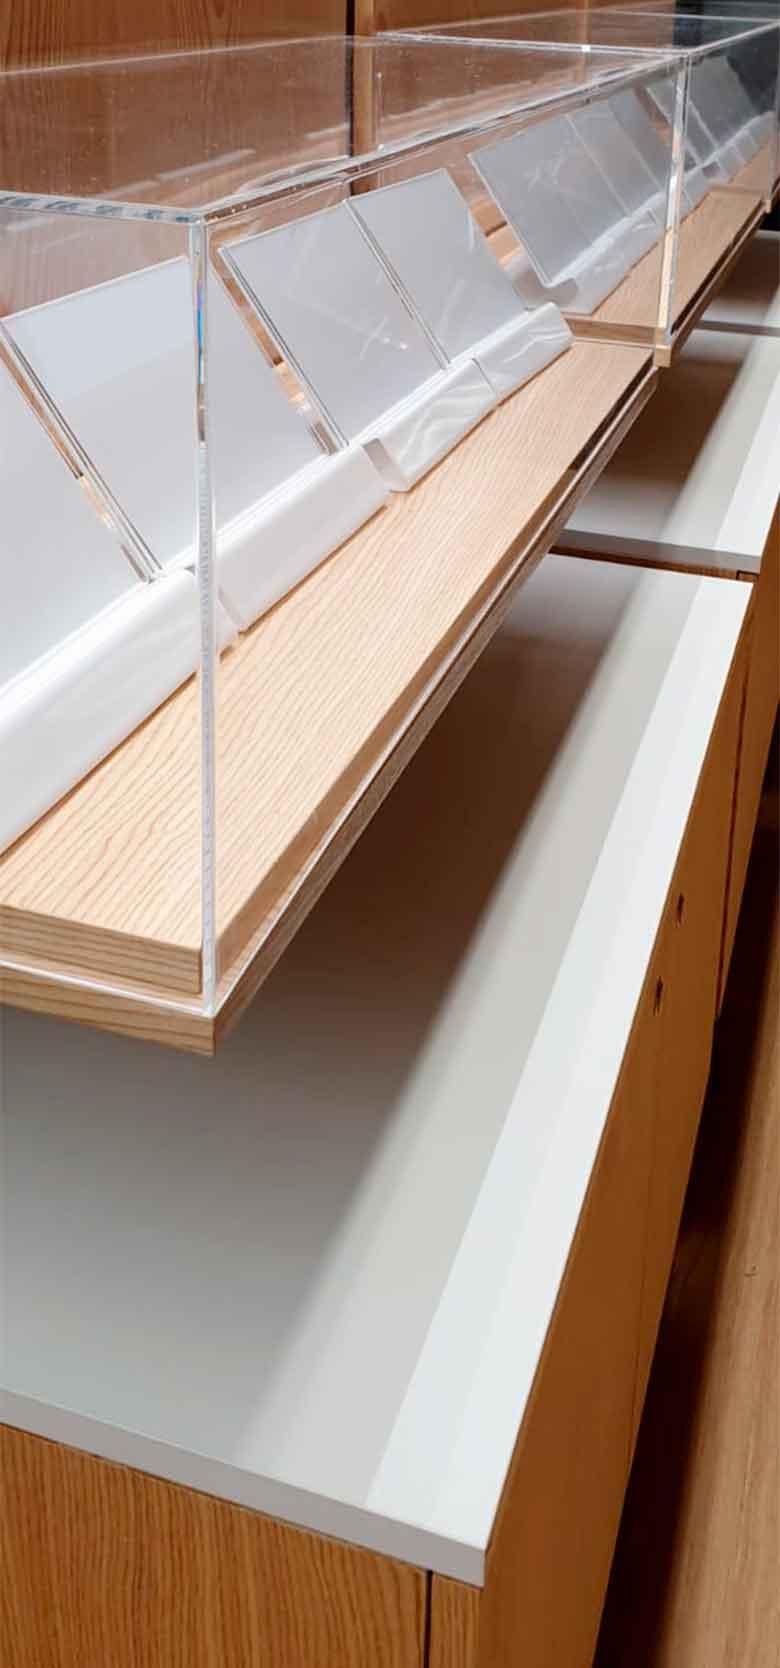 Proyecto Orange urnas PVC mobiliario a medid en madera